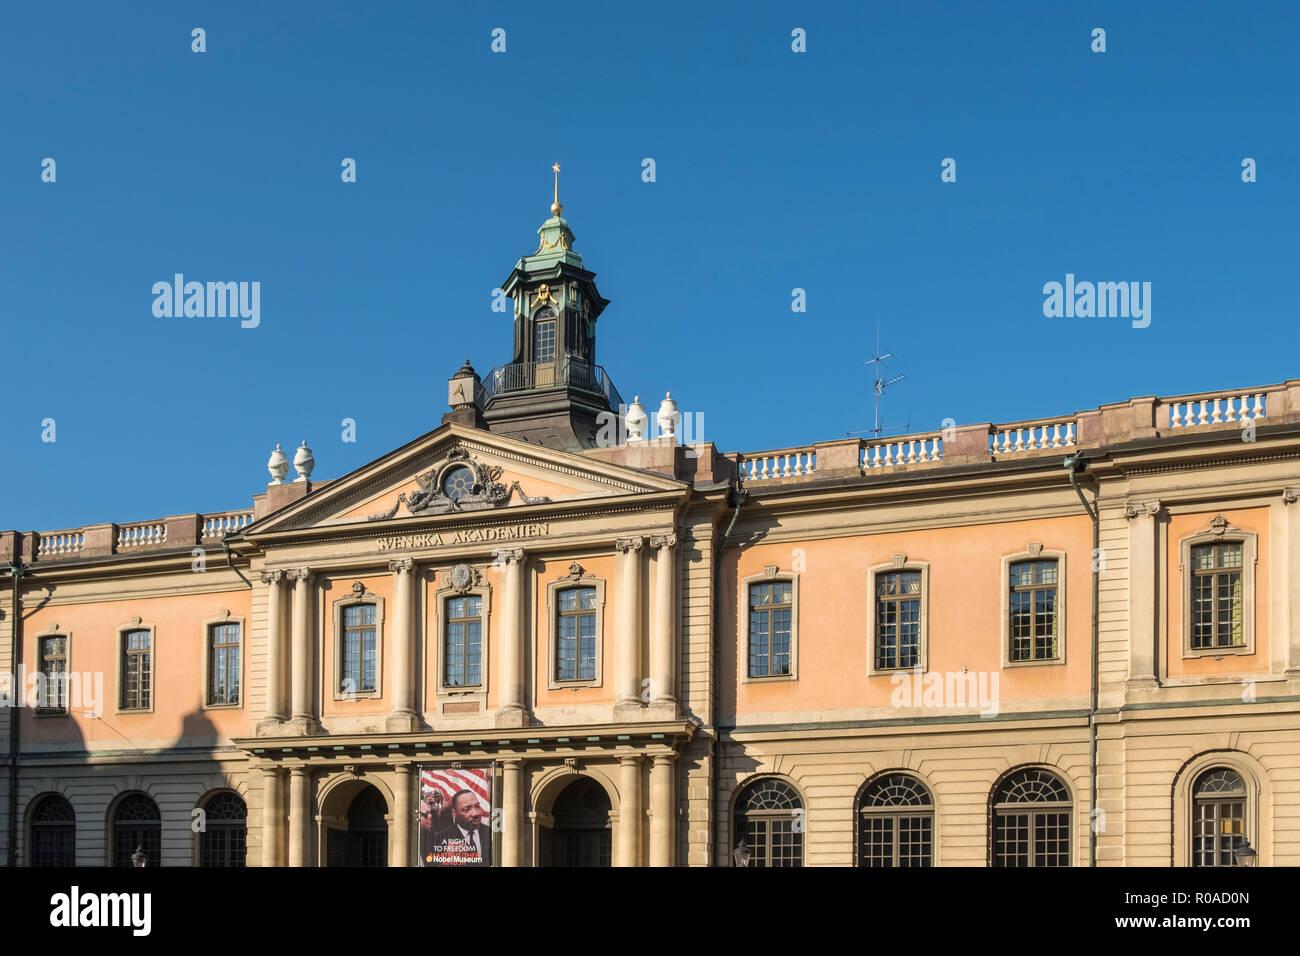 Exterior front facade of the Nobel Museum (Nobelmuseet), Stortorget, Gamla Stan, Stockholm, Sweden - Stock Image